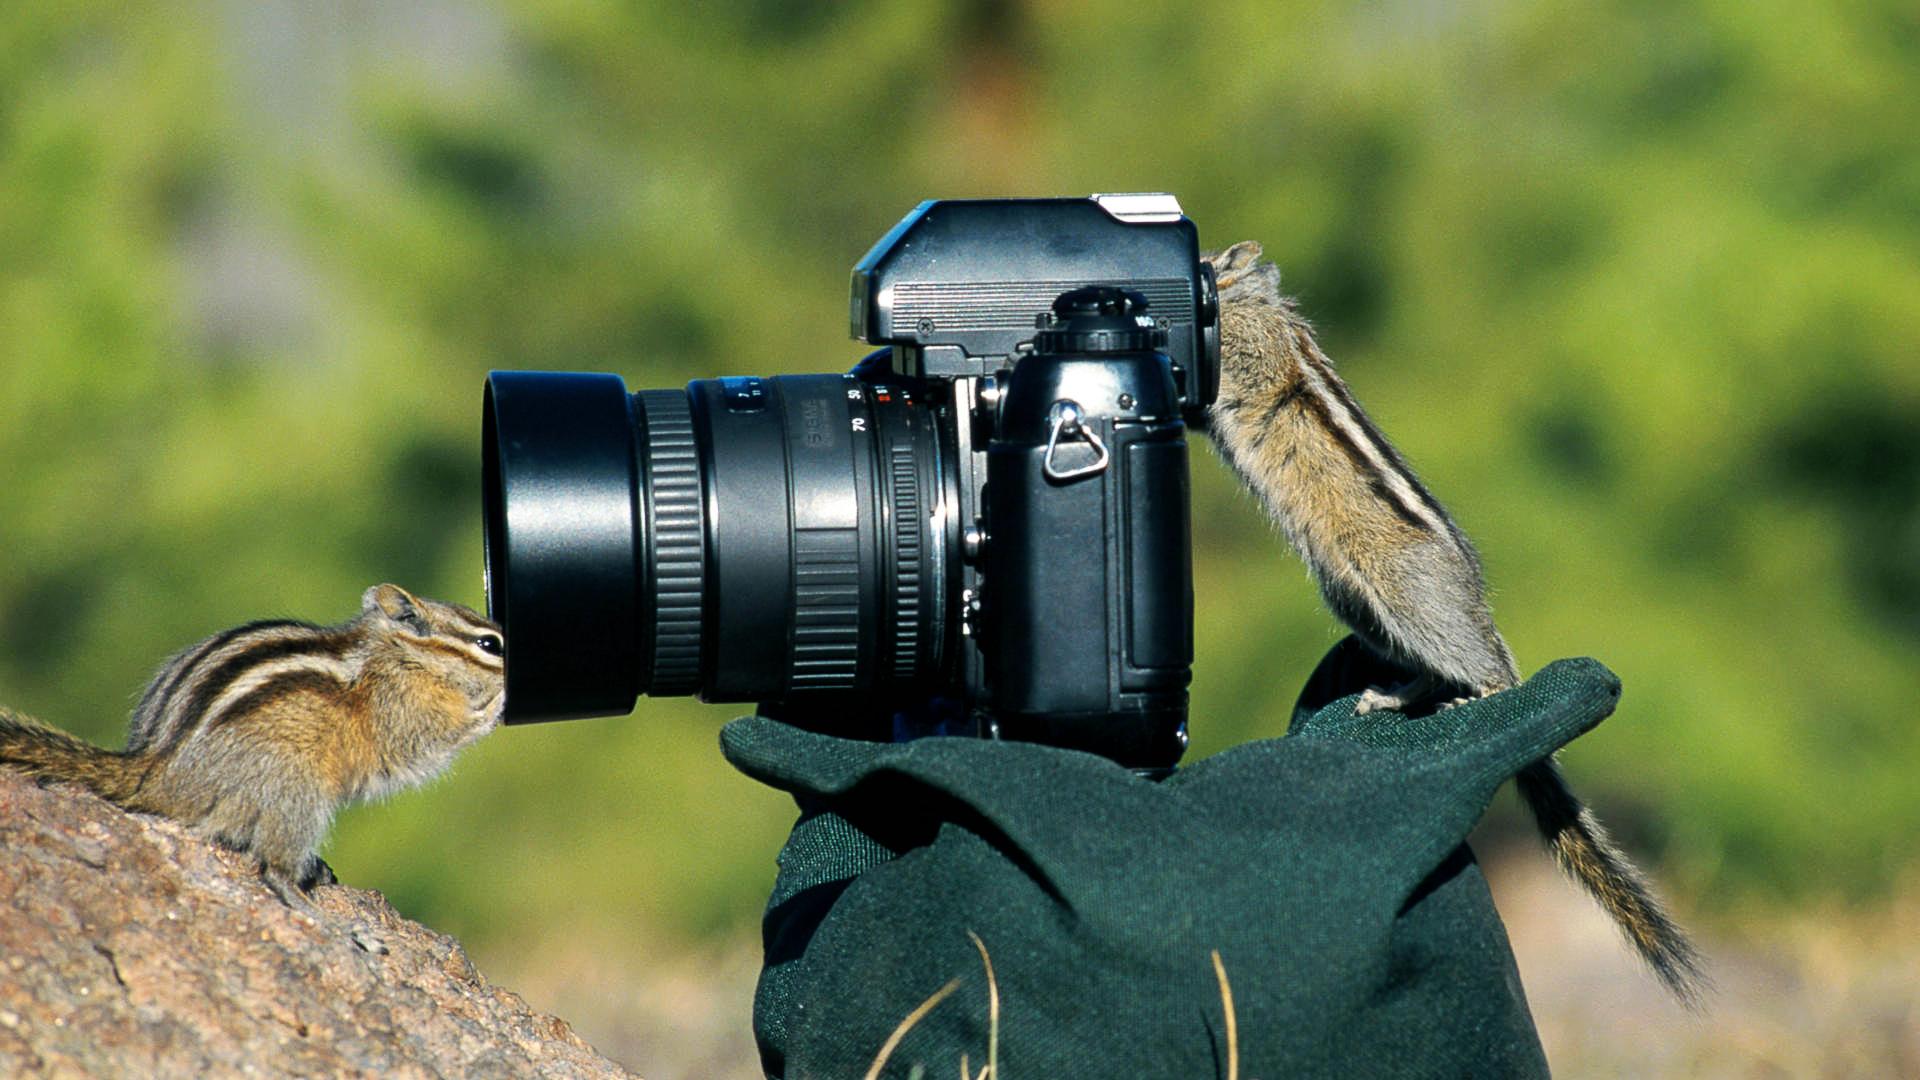 приедем, фотоохота на птиц объективы картона вырезать, стержне